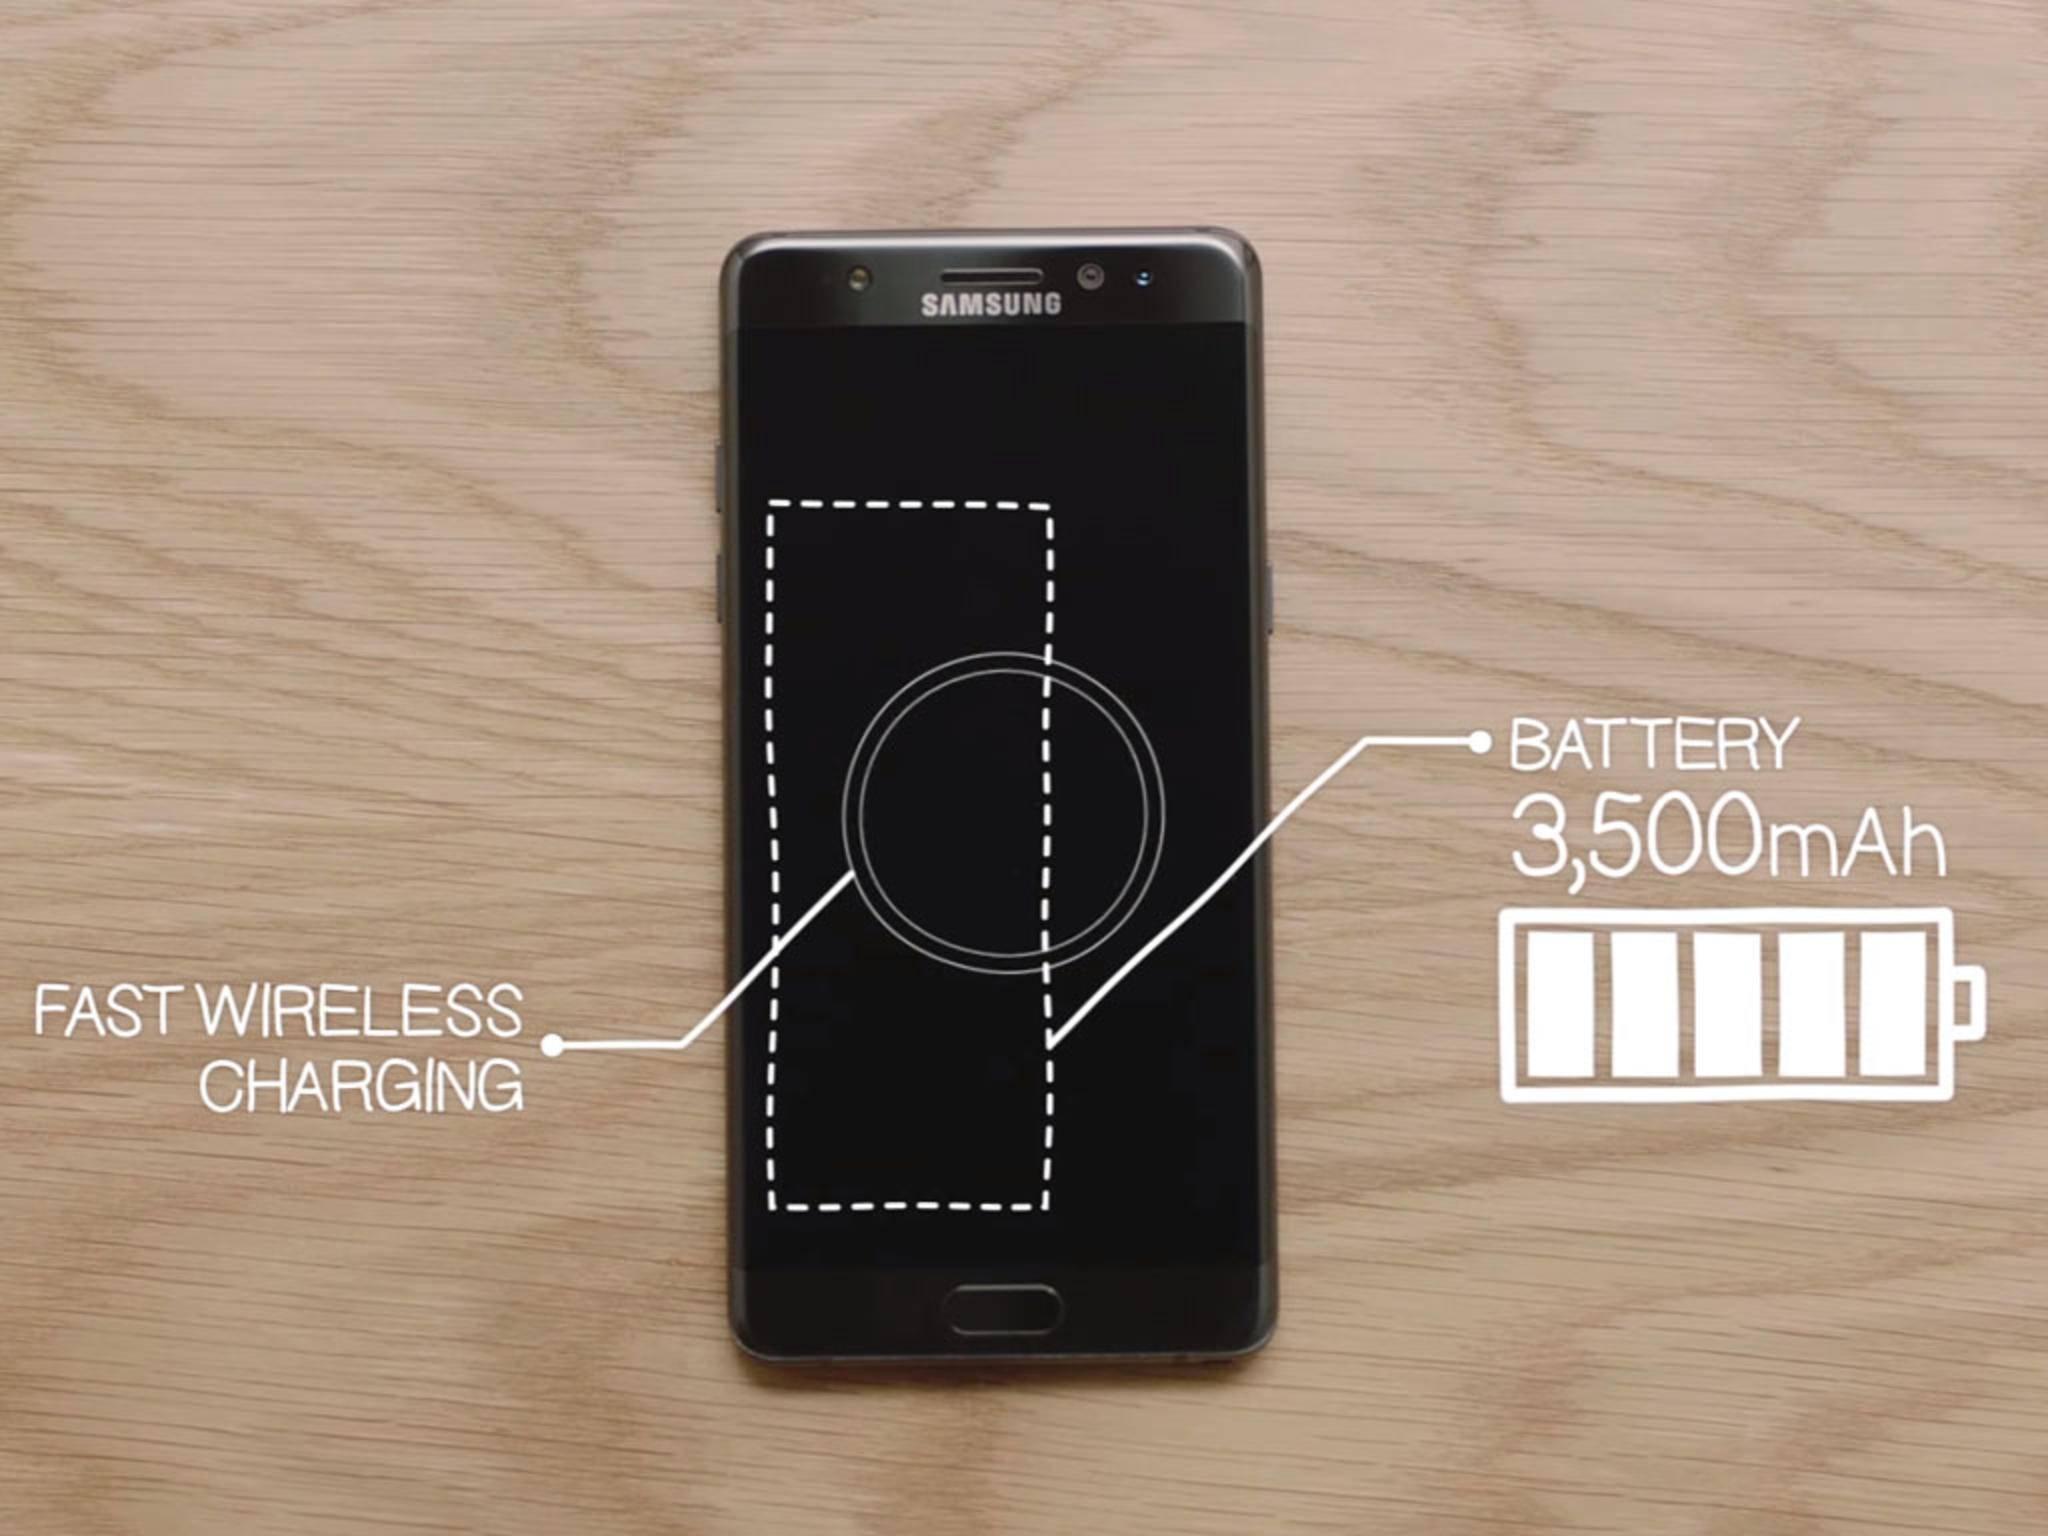 Das Galaxy Note 7 bietet nicht nur mehr Akkukapazität, sondern ist auch schneller voll.